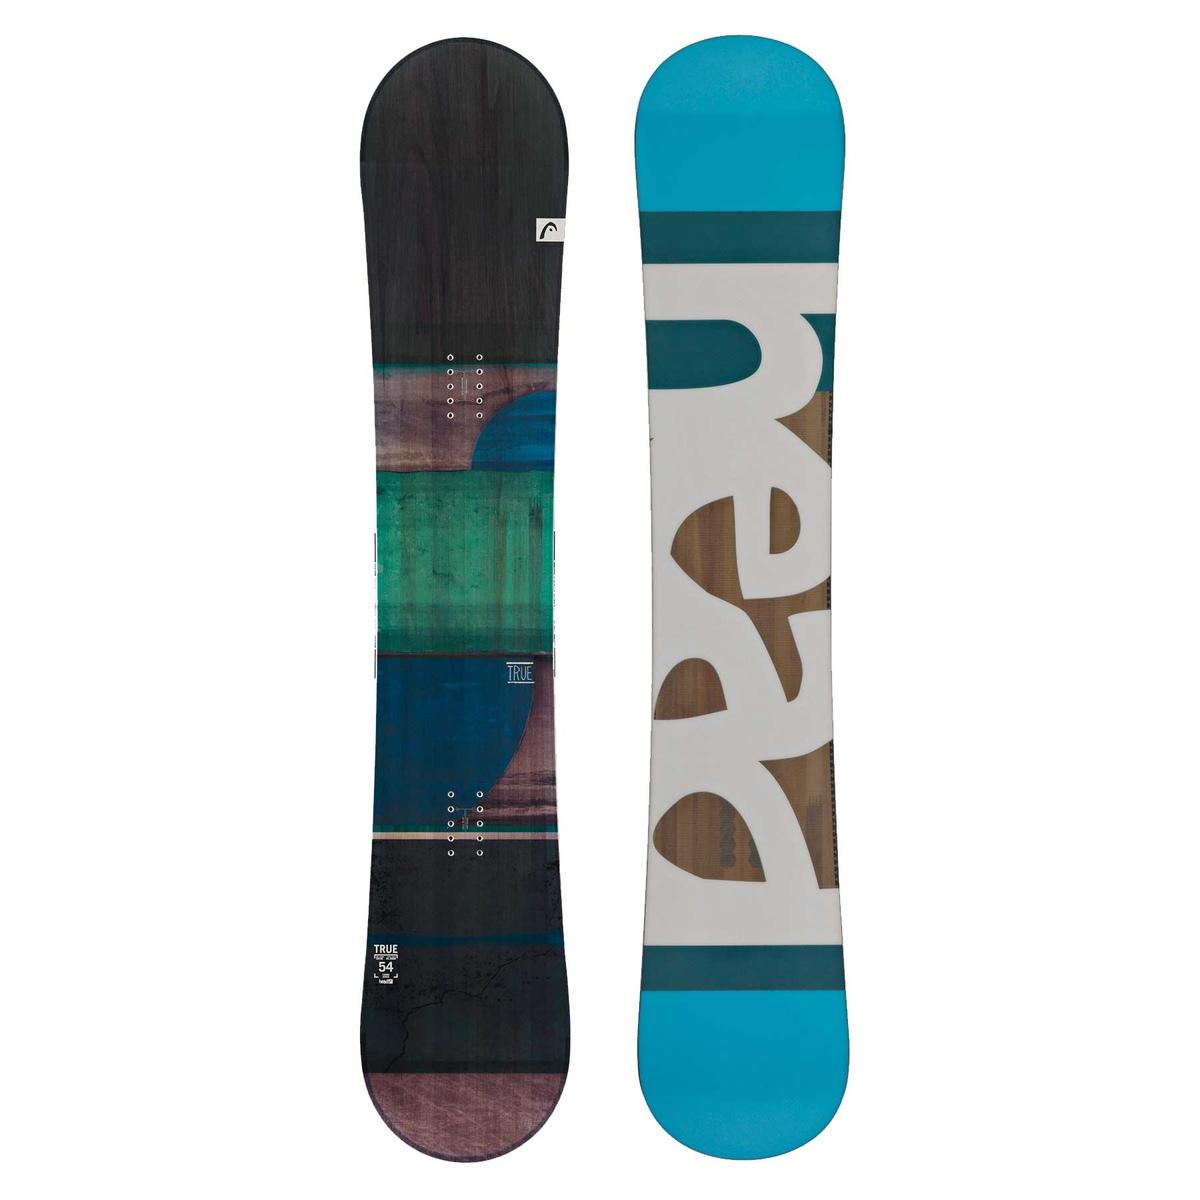 Tavola snowboard attacchi sacca prezzi migliori offerte - Tavola snowboard attacchi offerta ...